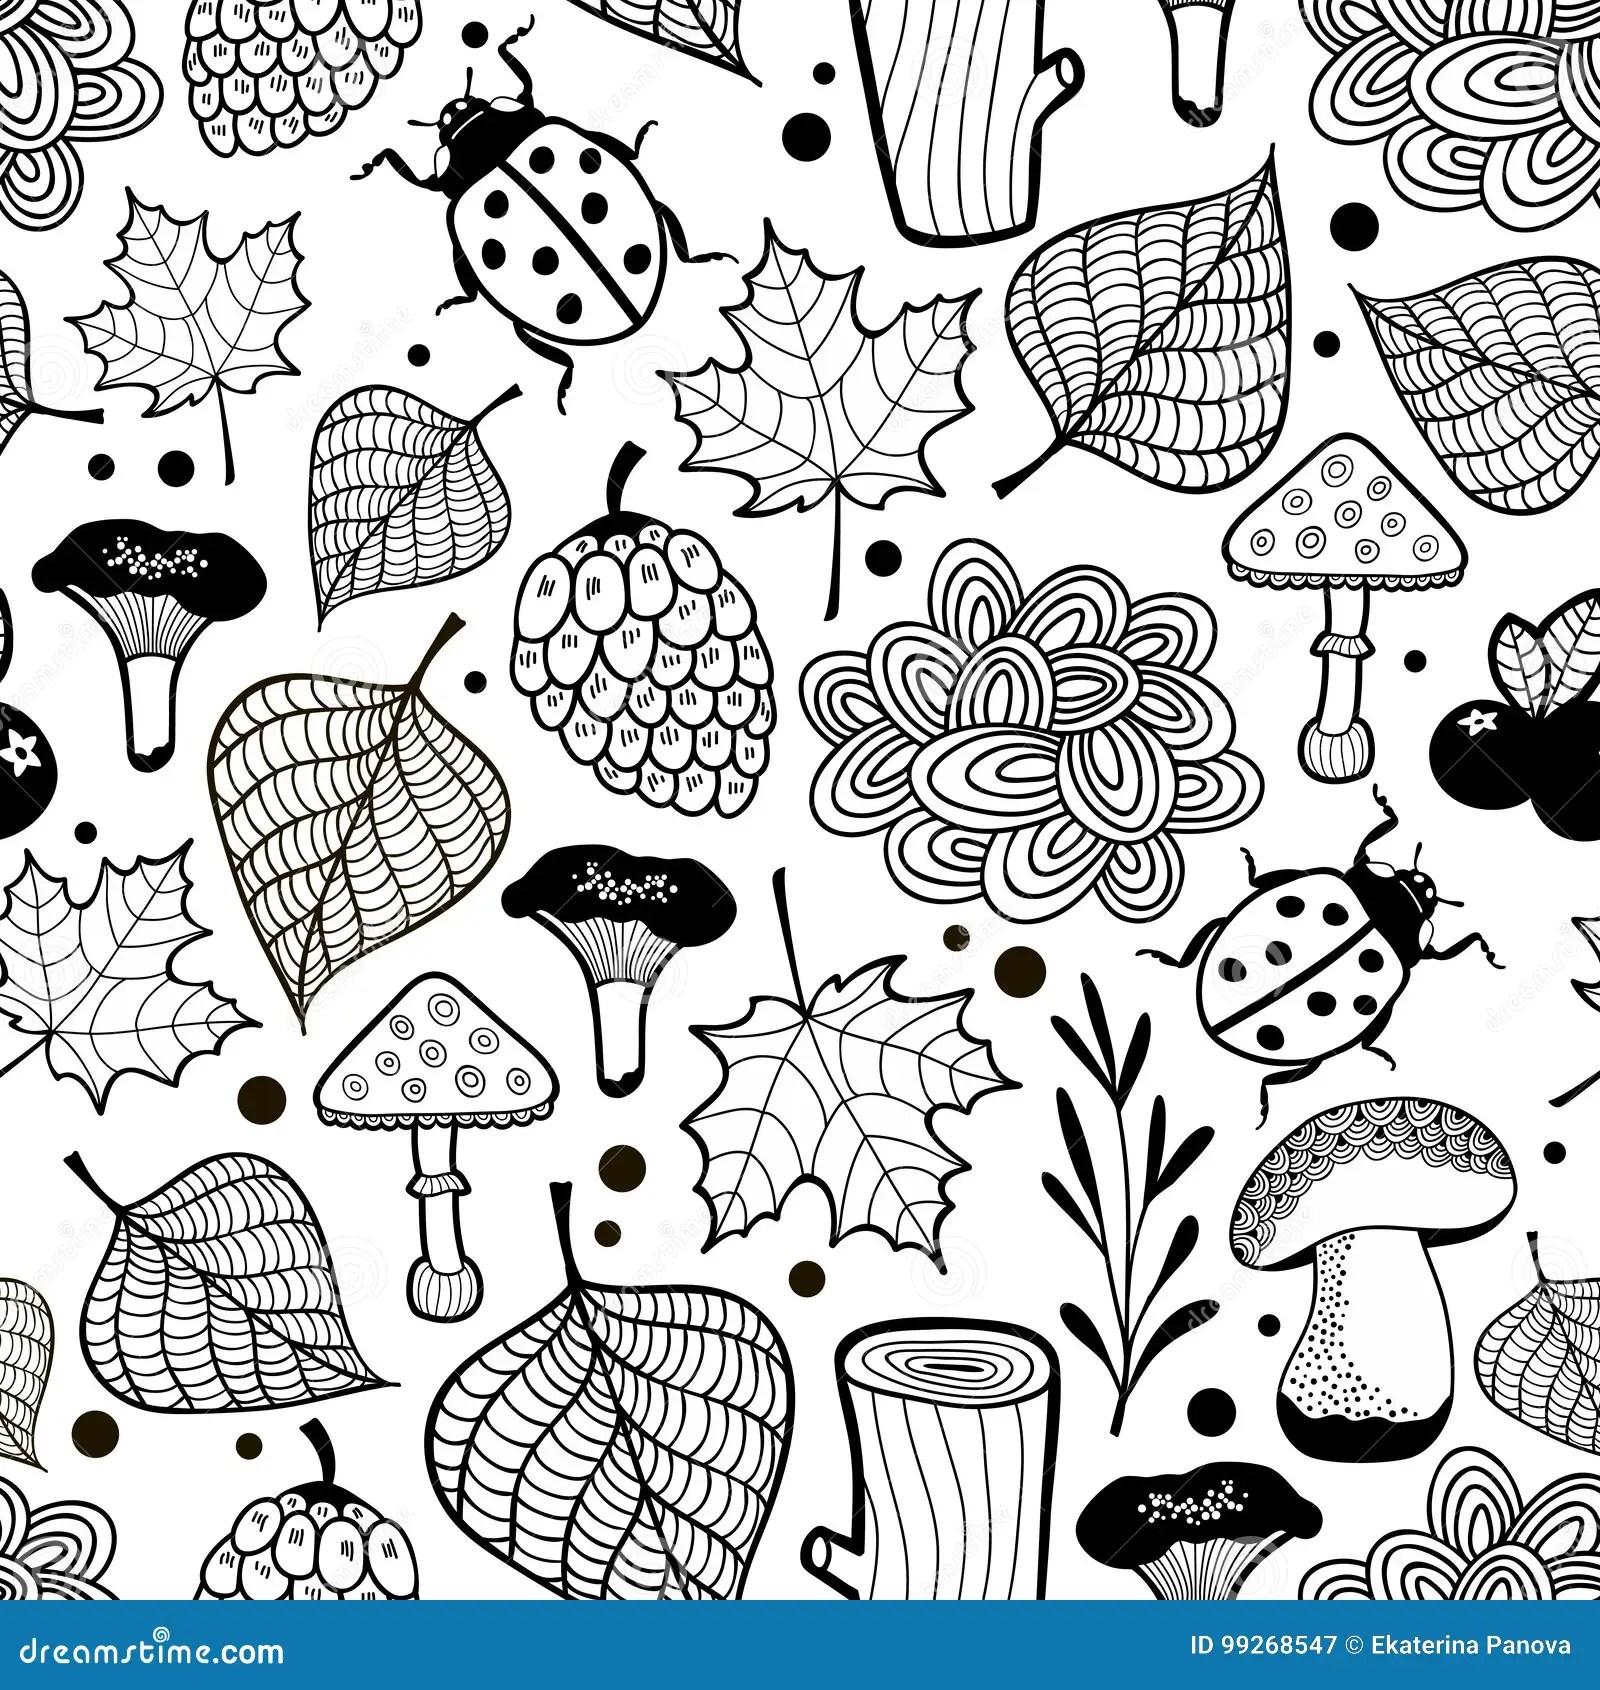 carta da parati verona, bovolone. Carta Da Parati In Bianco E Nero Per Colorare Illustrazione Vettoriale Illustrazione Di Bambini Micro 99268547